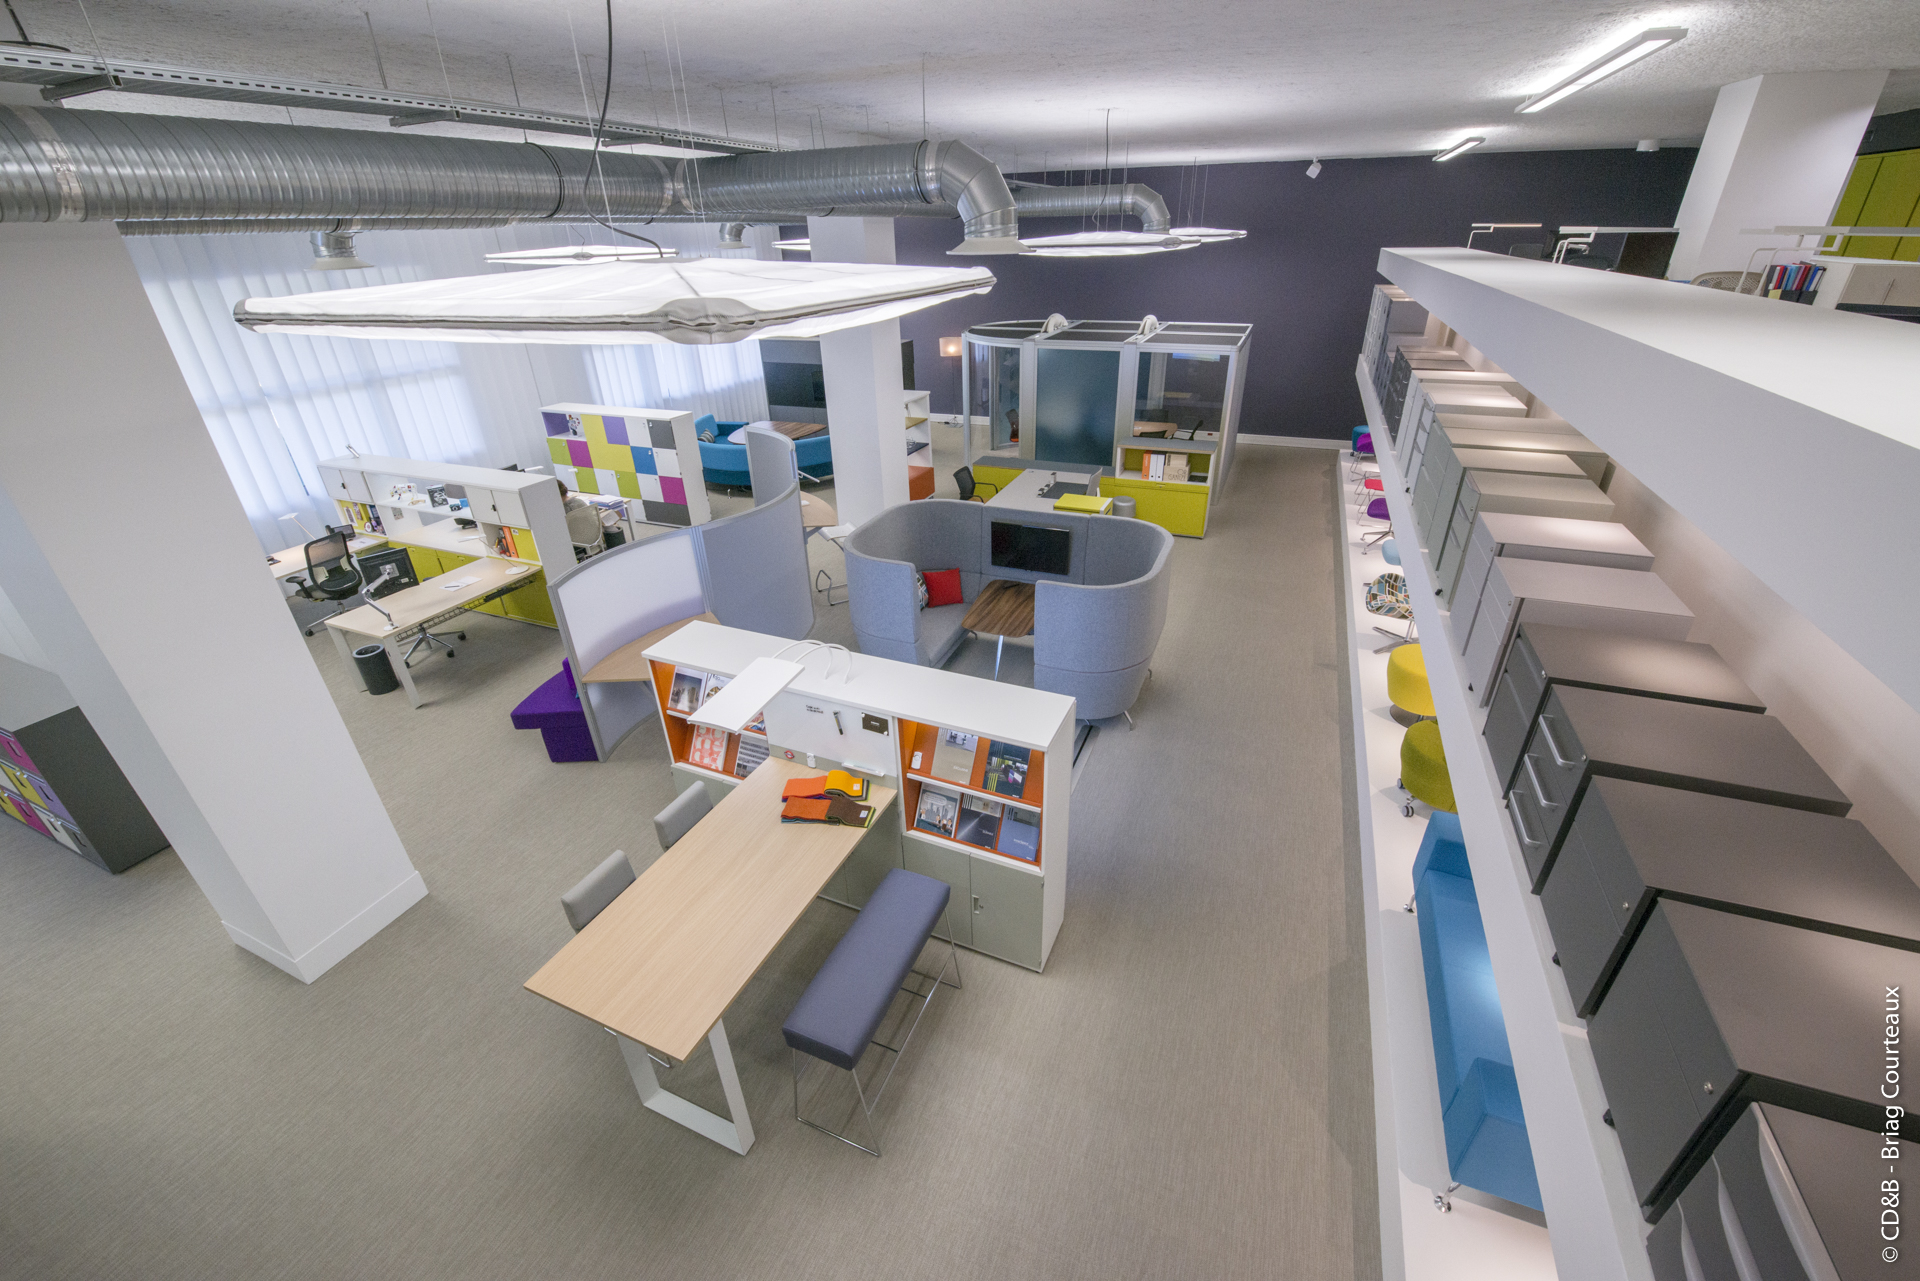 Conseil, aménagement, conception et réalisation des espaces de la société Bisley par CDB, Meet you there.